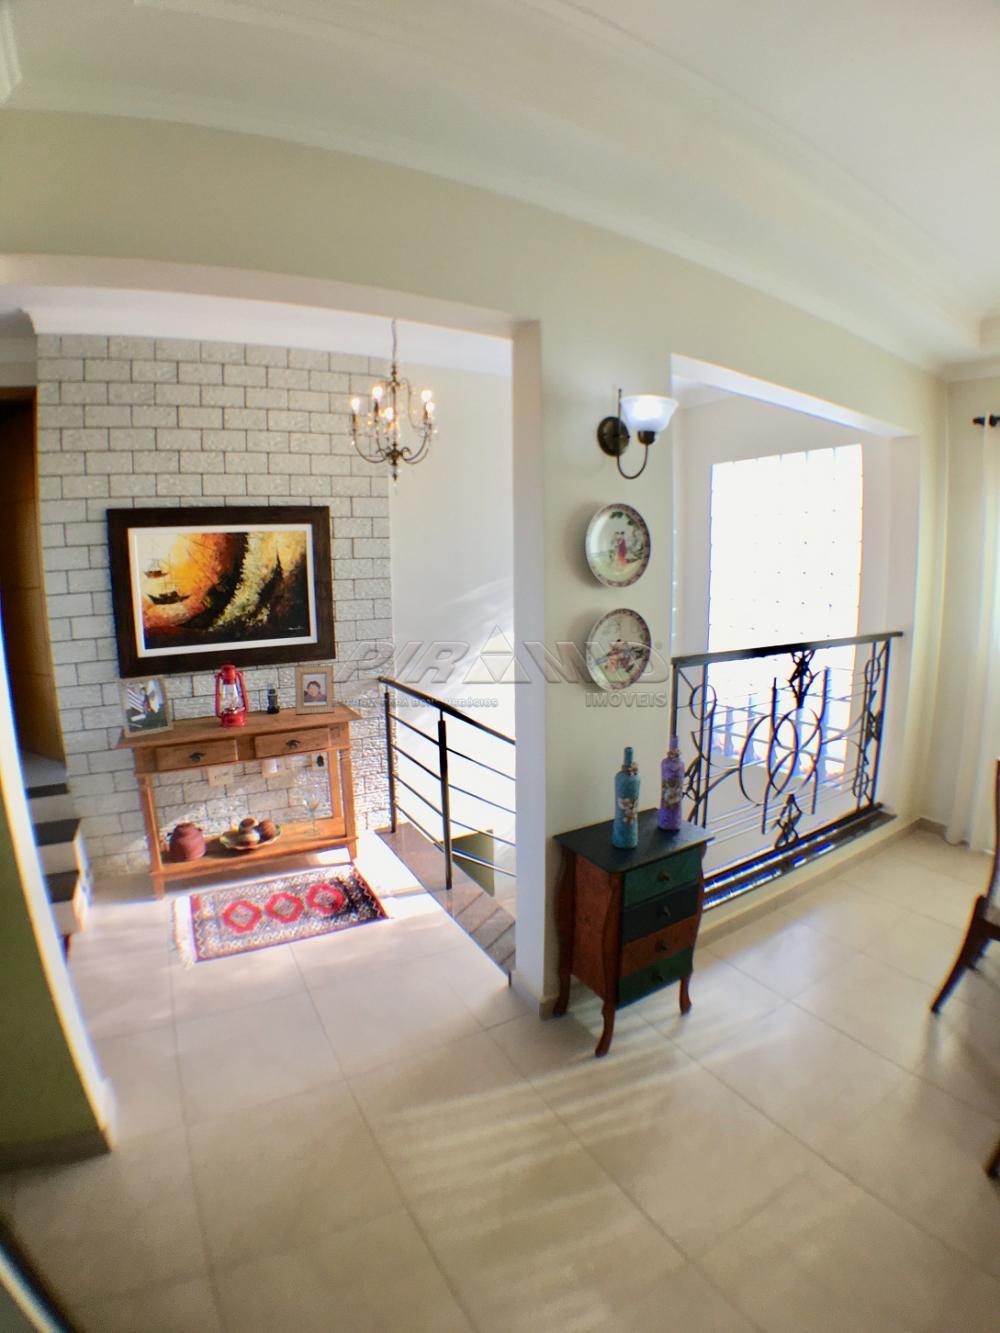 Alugar Casa / Padrão em Ribeirão Preto R$ 4.200,00 - Foto 5